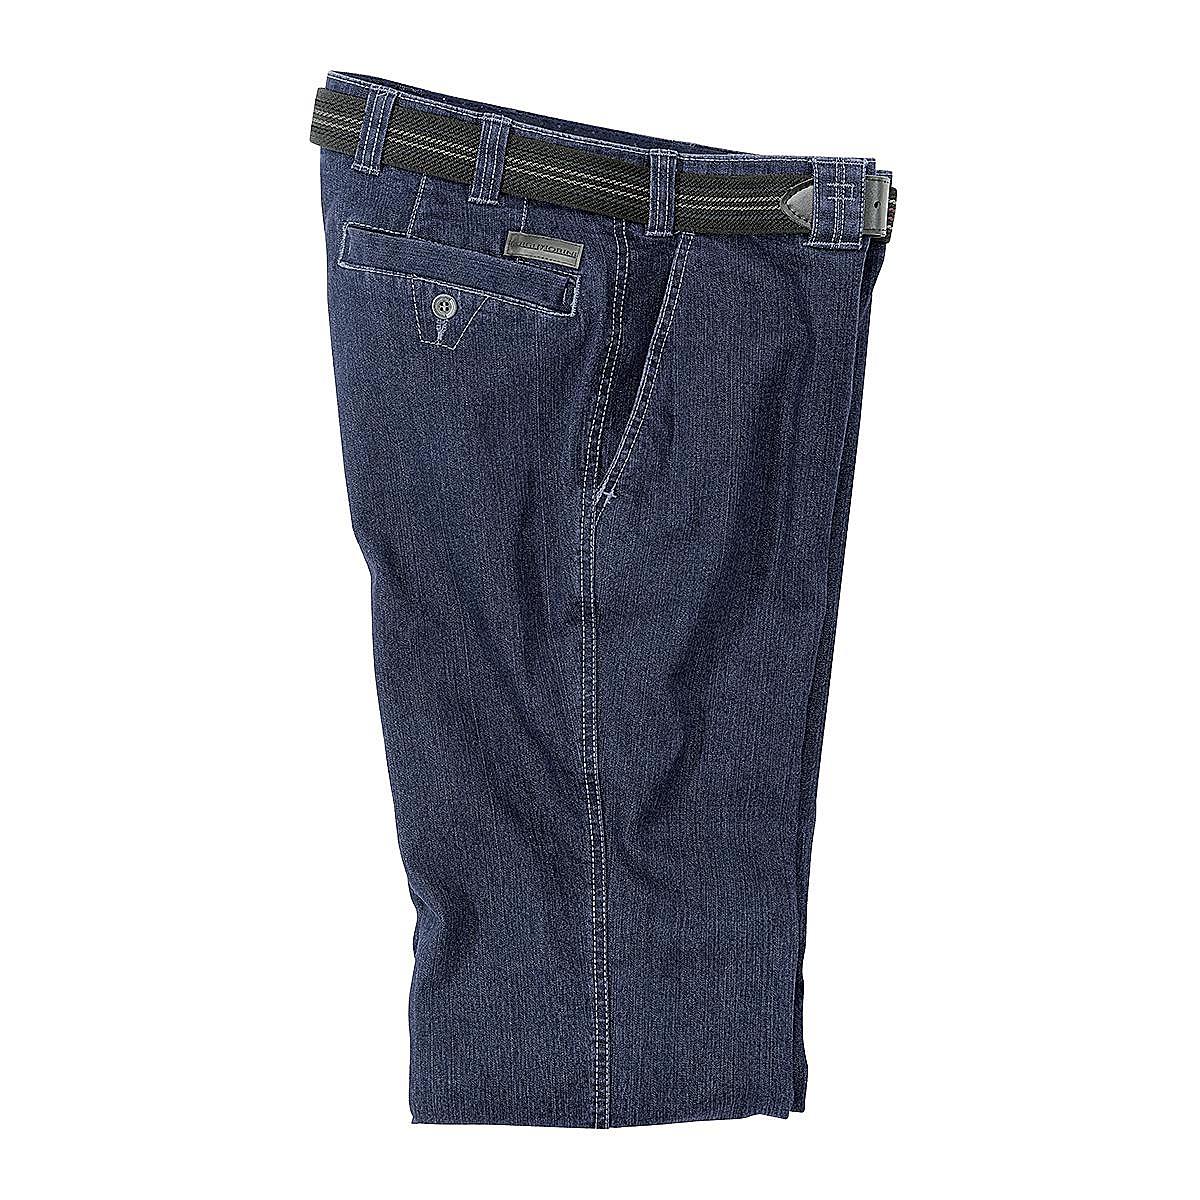 jeans mit bequemen seitlichen schubtaschen farbe blue denim gr enspezialist m nnermode. Black Bedroom Furniture Sets. Home Design Ideas